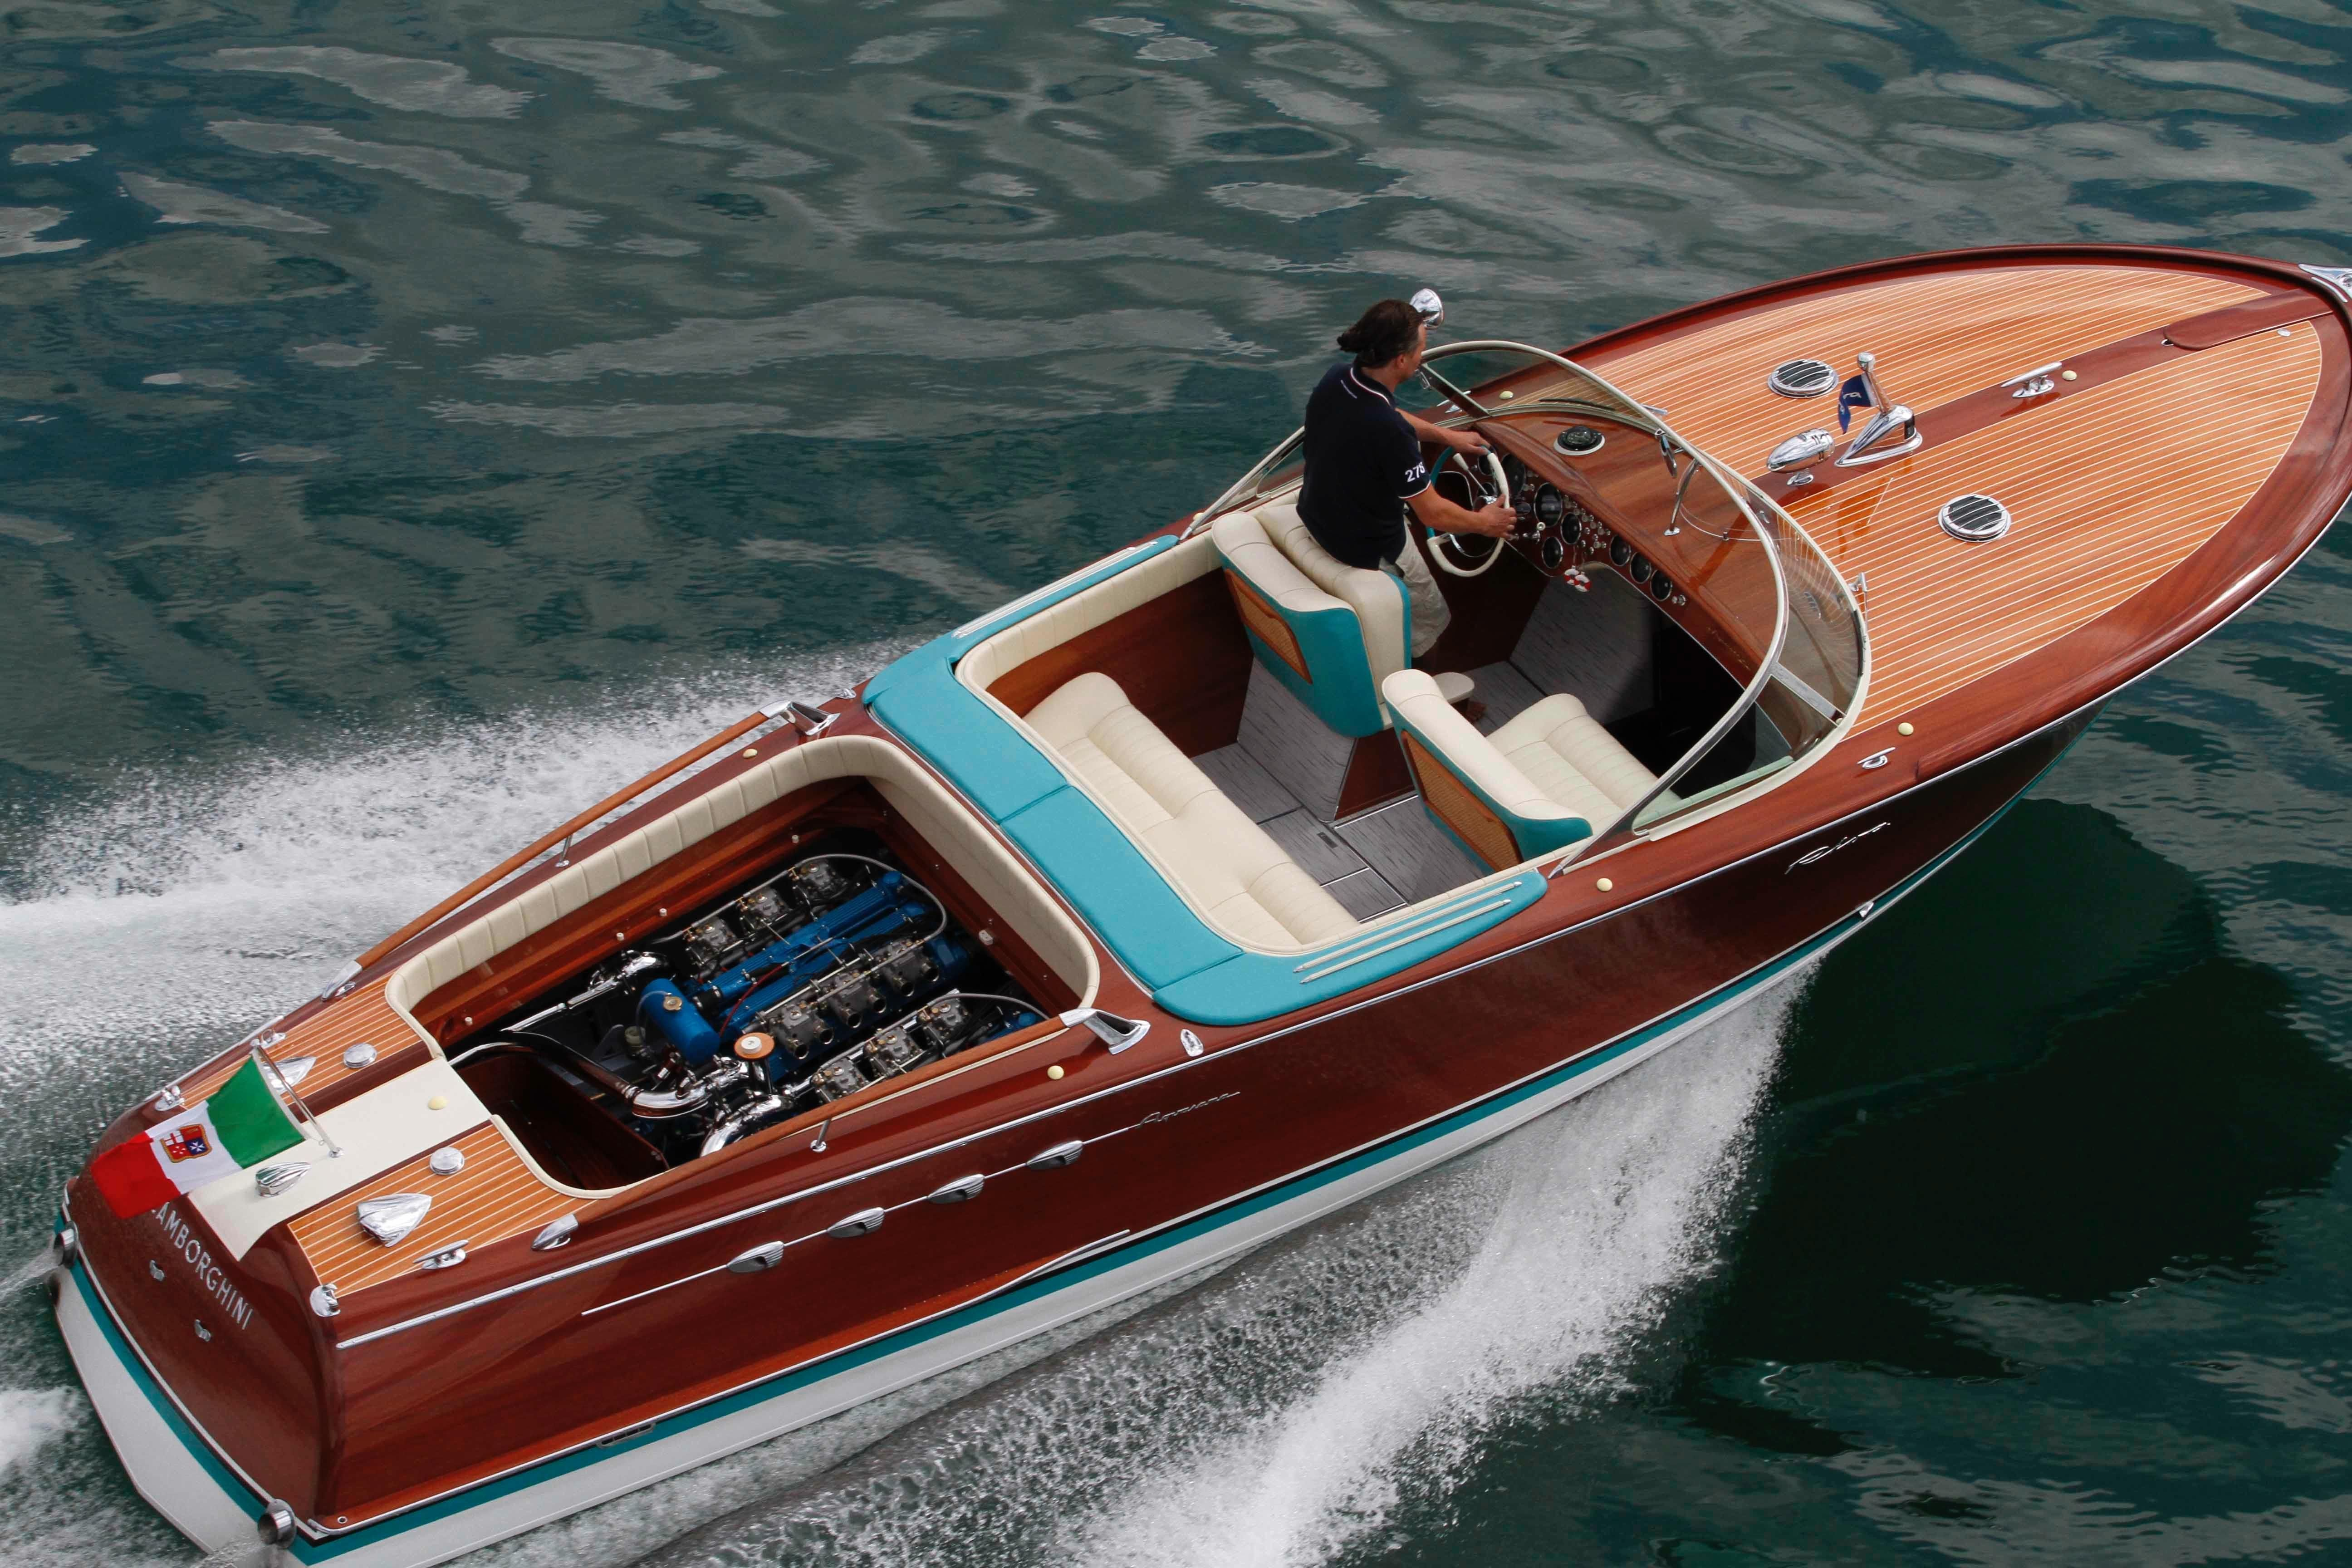 1968 riva aquarama lamborghini power boat for sale www for Motoscafo riva aquarama